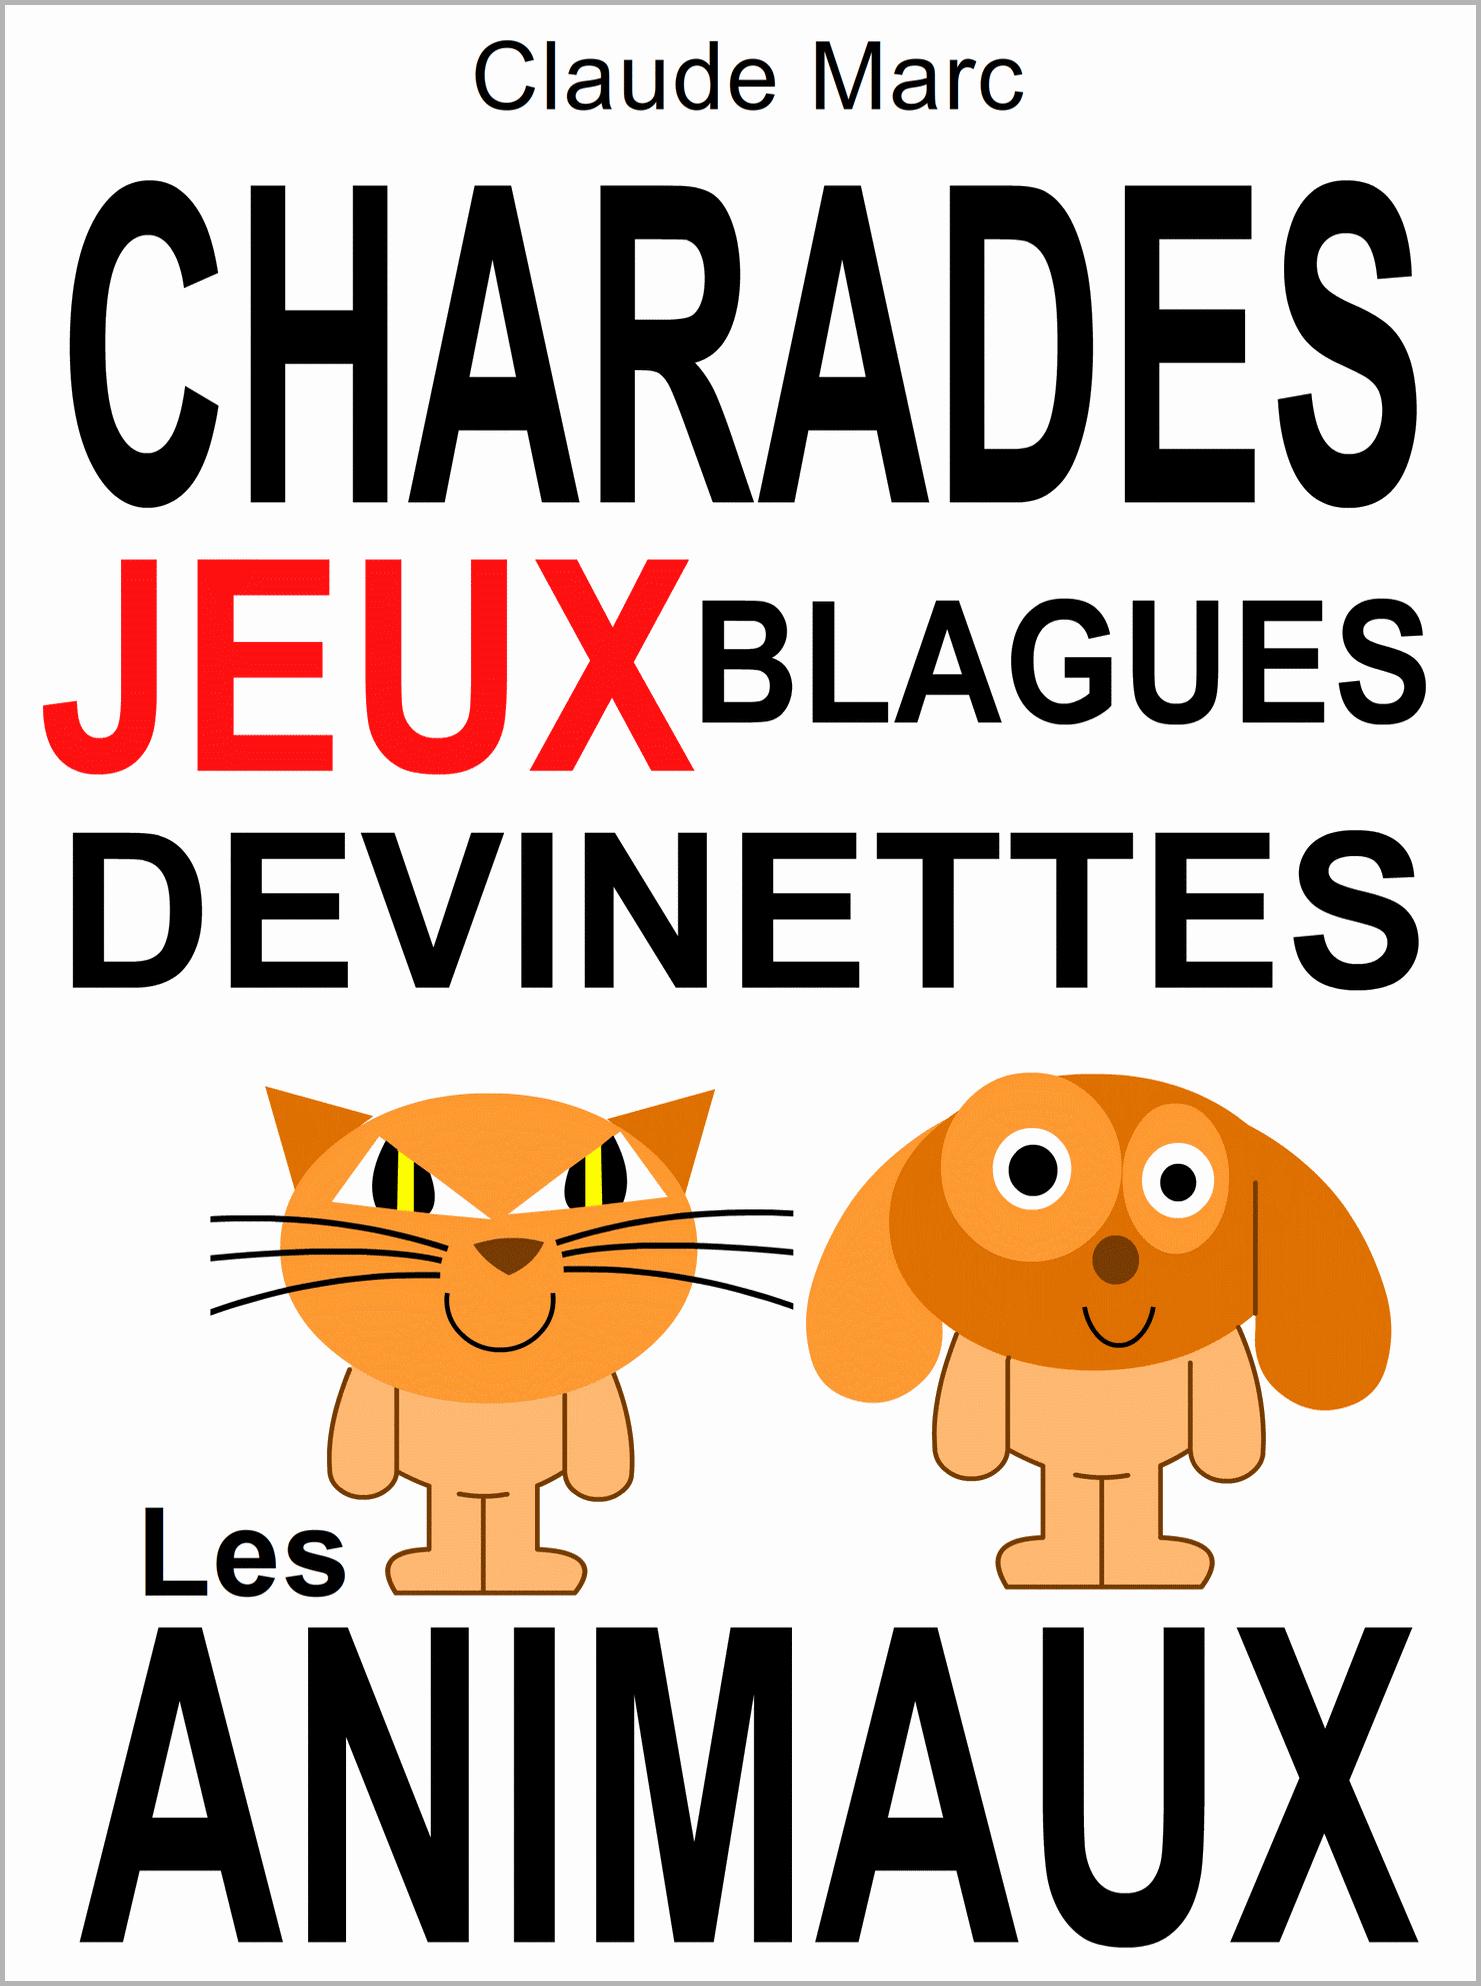 Charades Et Devinettes Sur Les Animaux. Jeux Et Blagues Pour Enfants. dedans Jeux Enfant Animaux